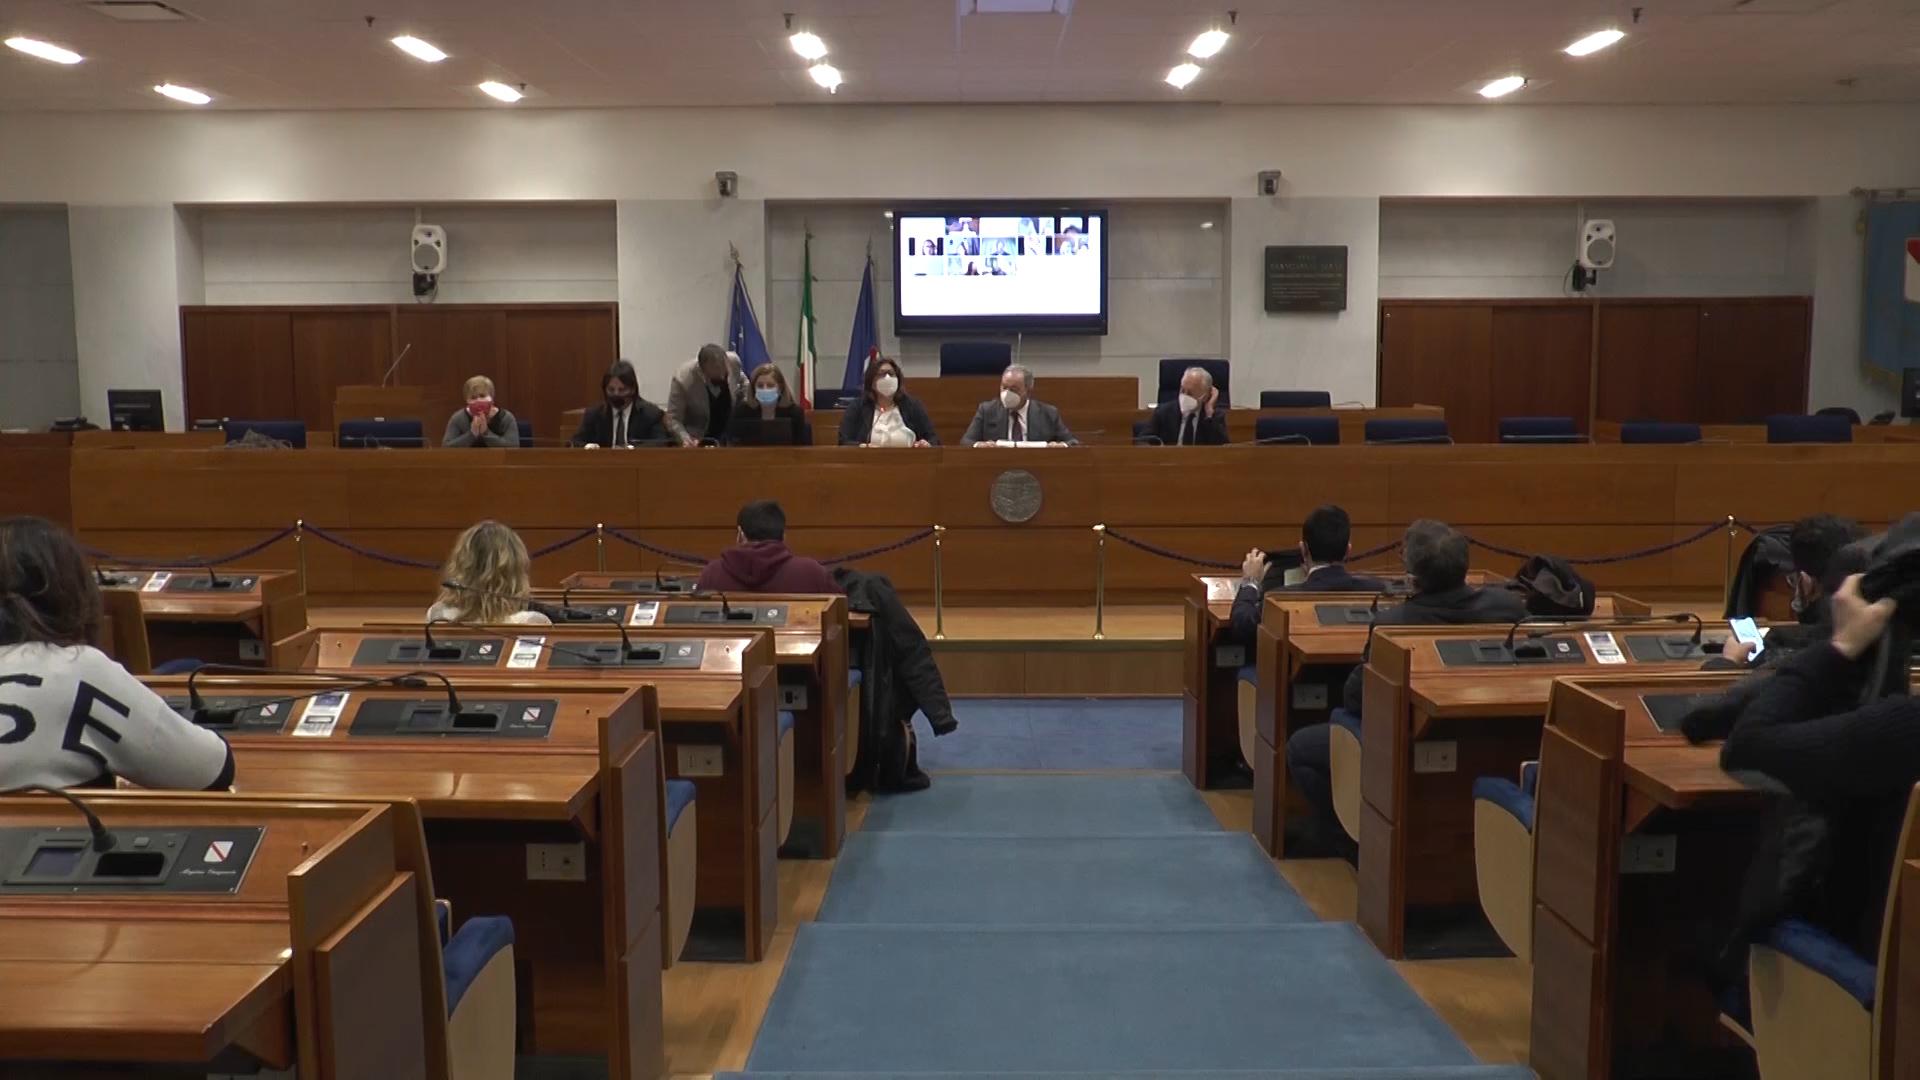 Puc e reddito di cittadinanza, incontro in Consiglio Regionale